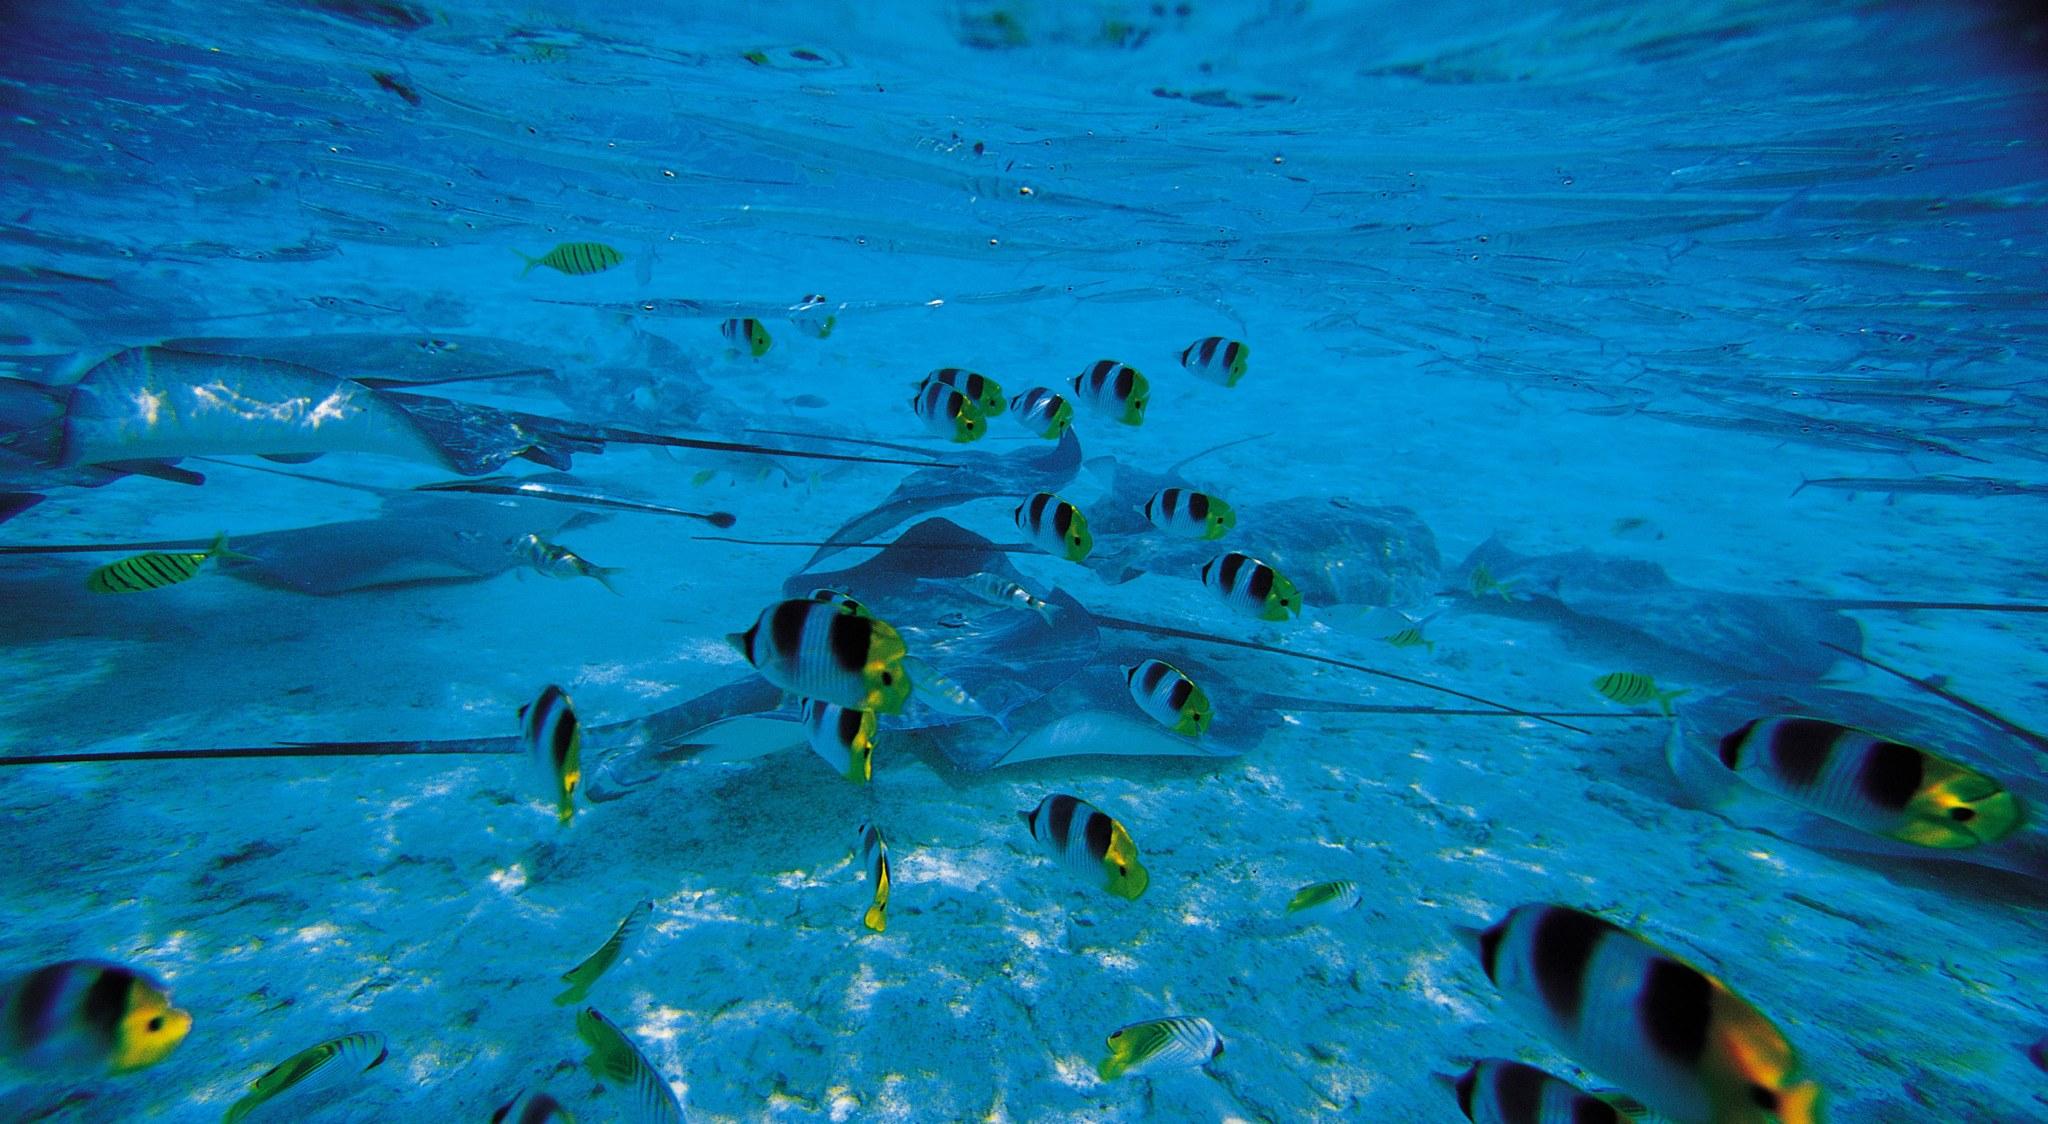 Buntes Treiben beim Tauchen in der Südsee: Schwarmfisch und Rochen wuseln im Flachwasser